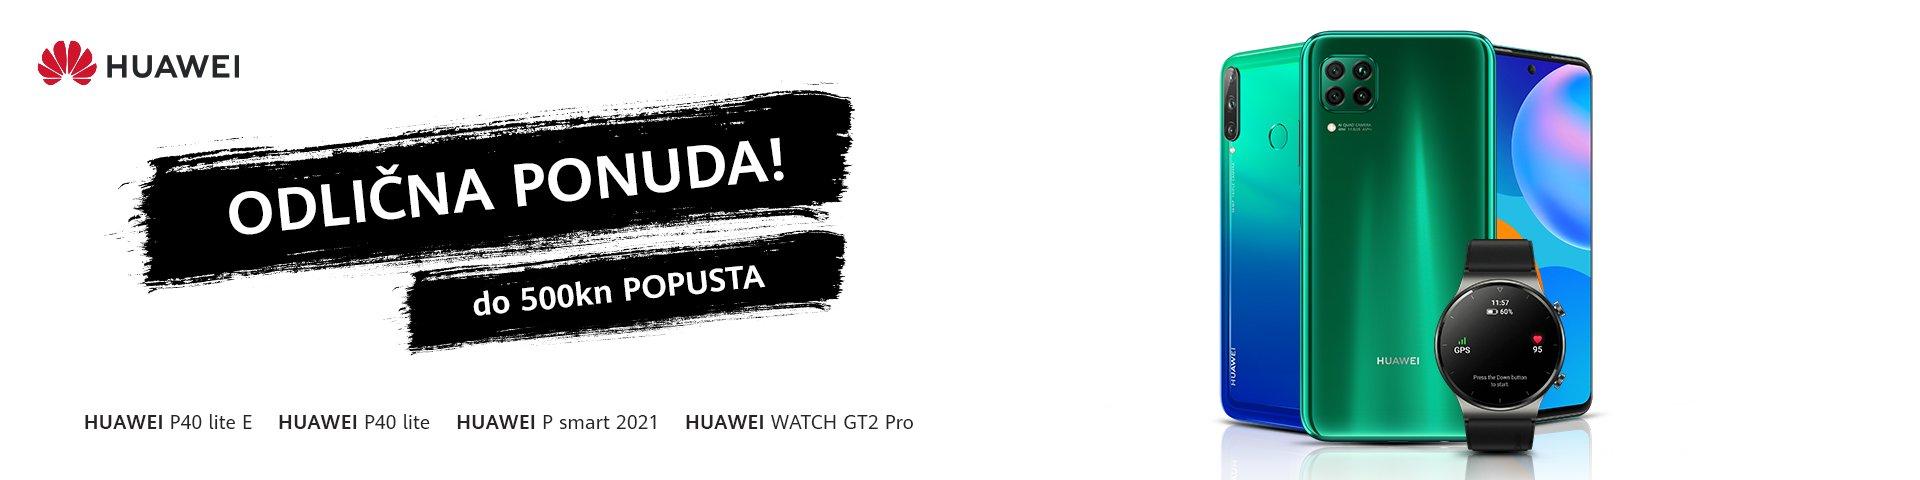 HUAWEI Q2 20.04.2021. – 31.05.2021.